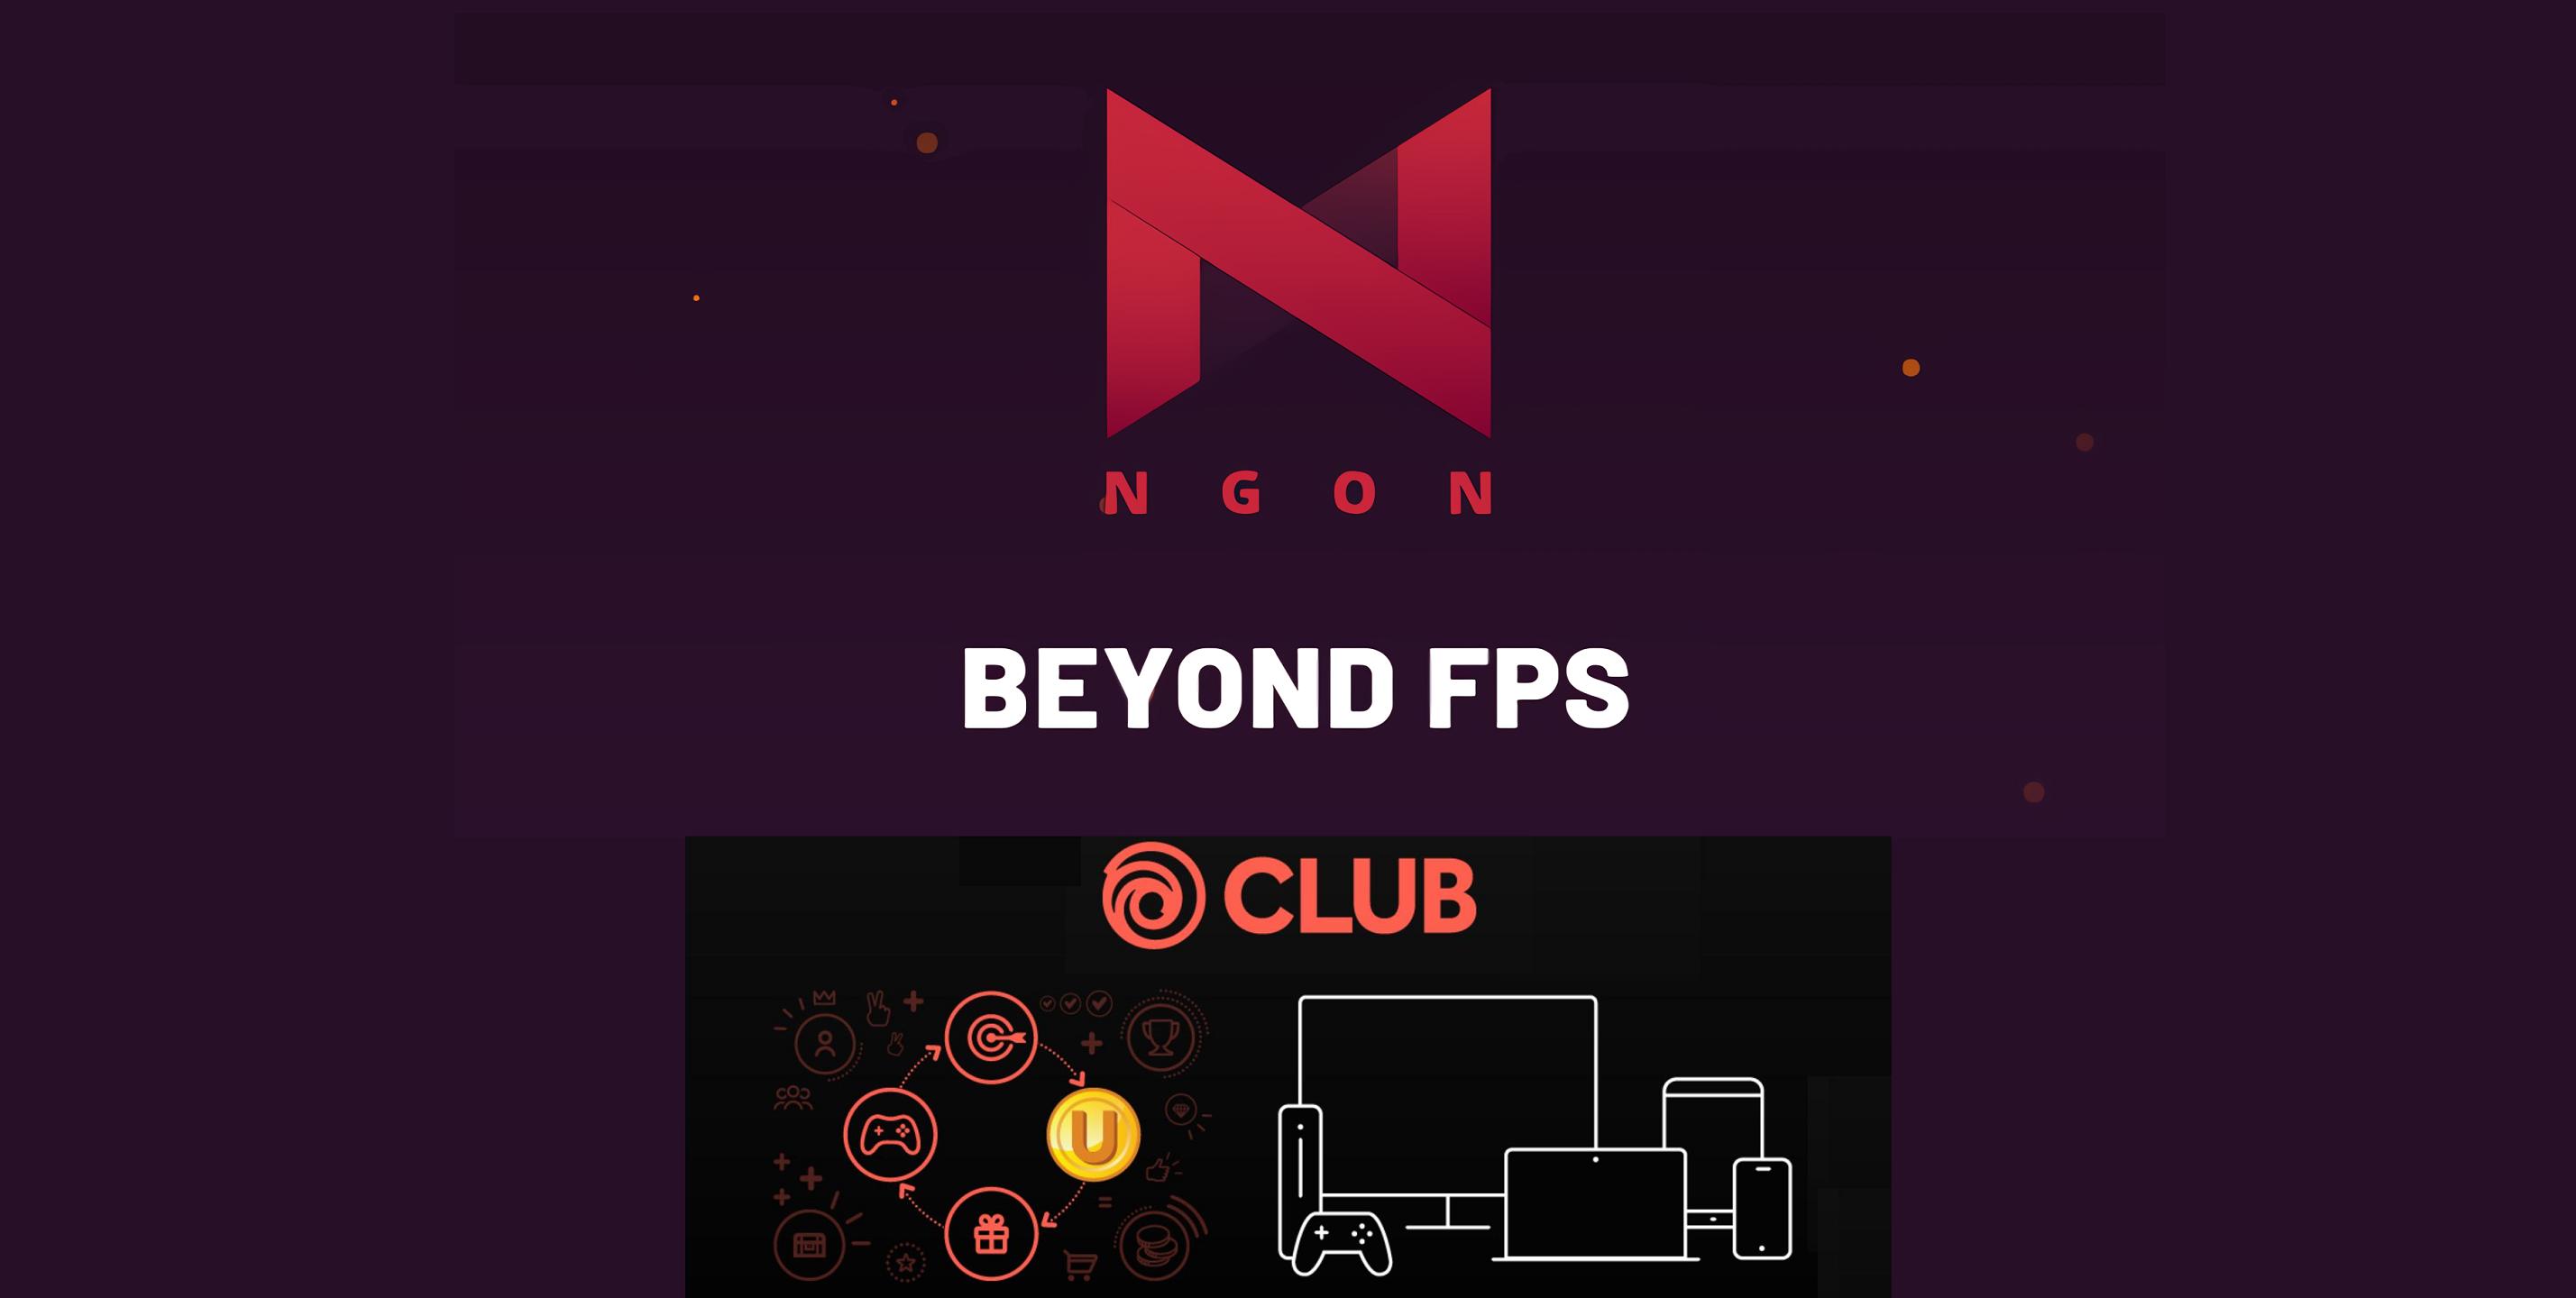 Ubisoft предлагает ознакомится с работой компьютерного железа в рамках проекта BEYOND FPS